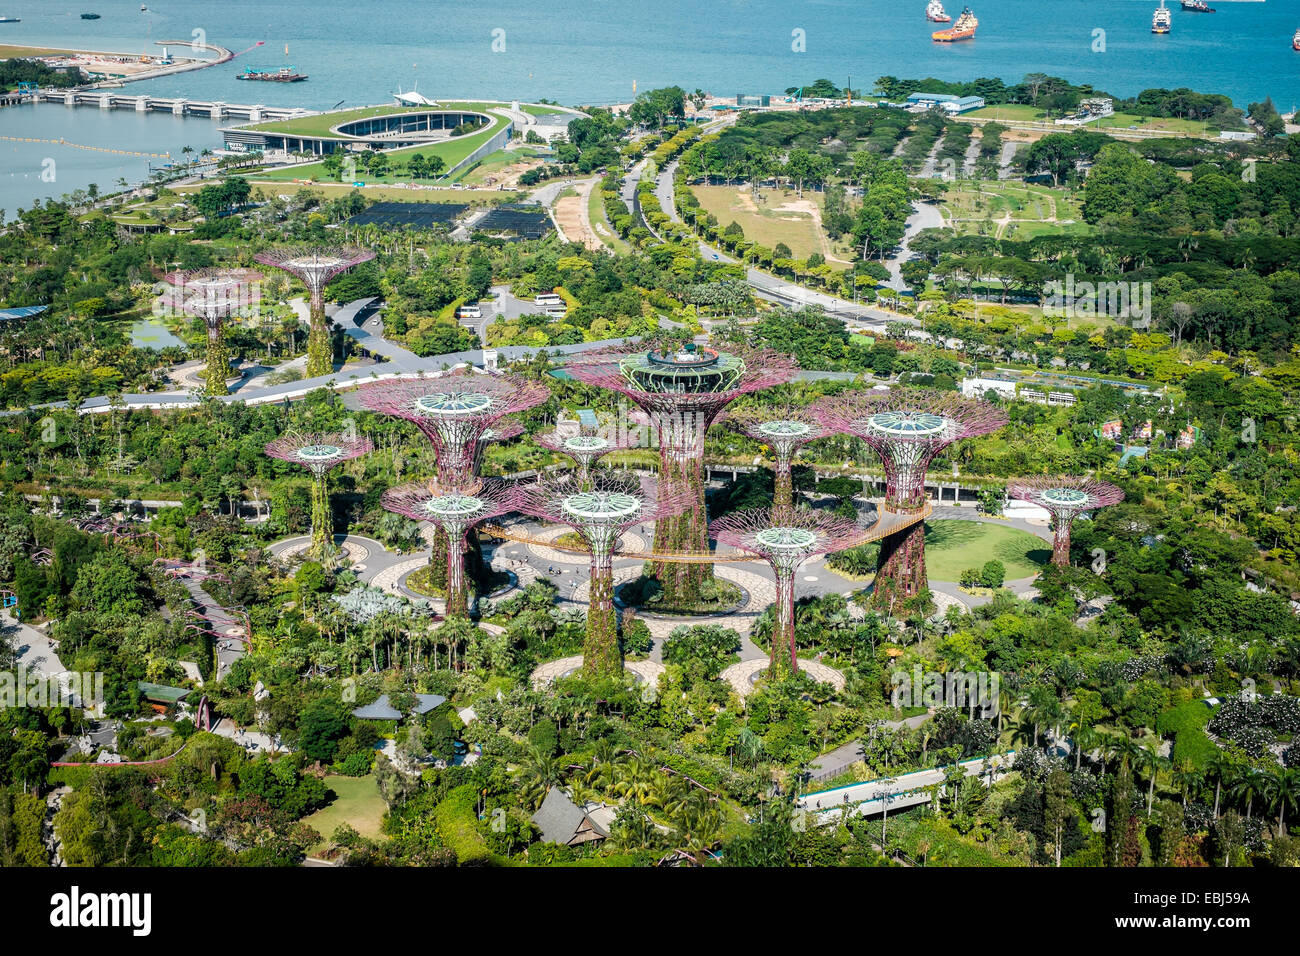 Jardin près de la baie de la ville de Singapour Photo Stock